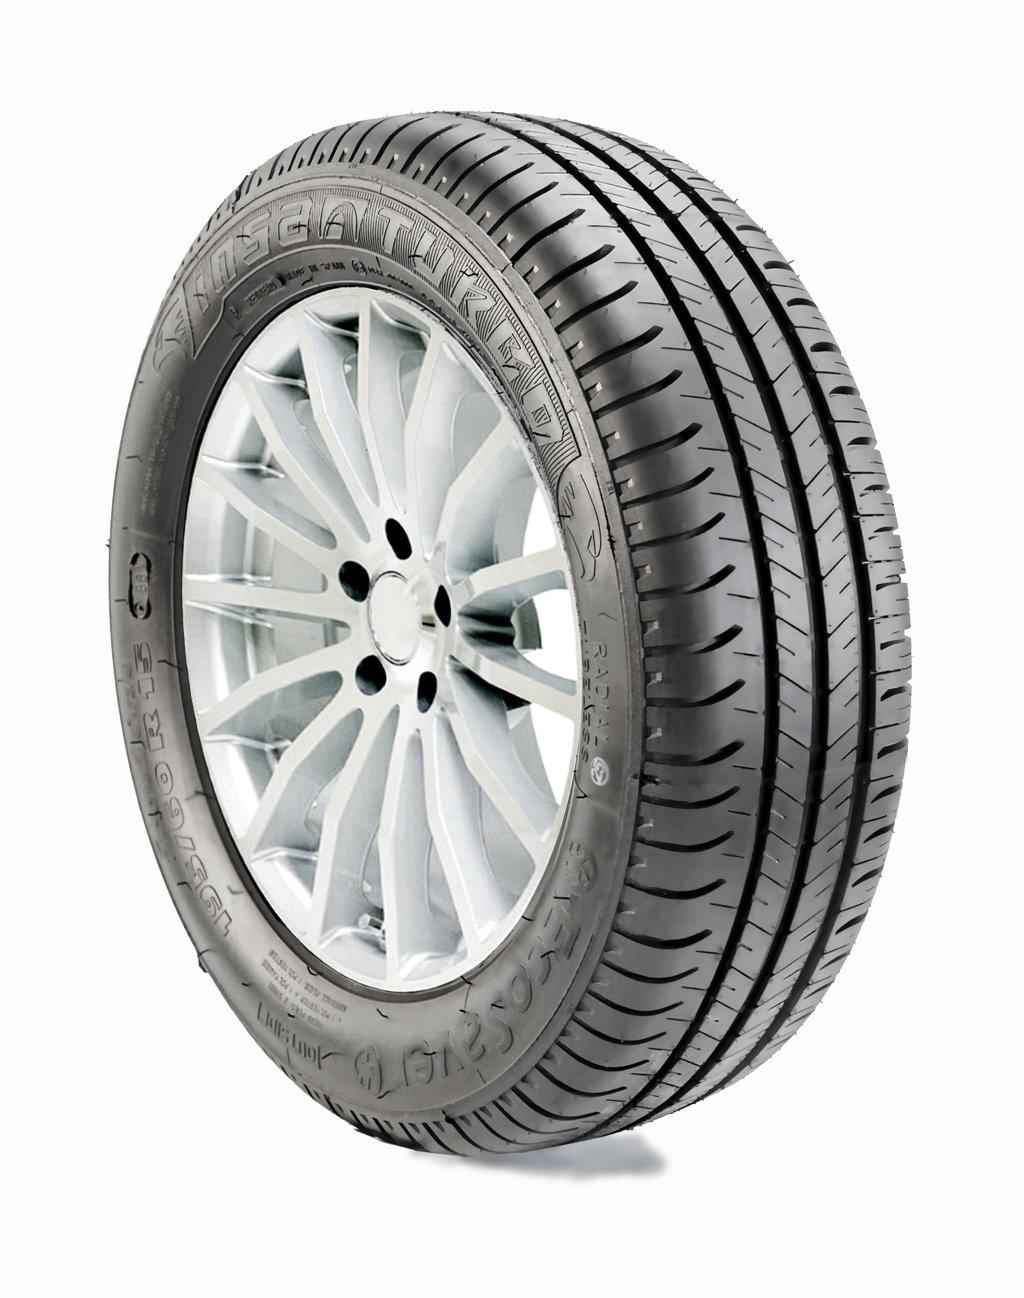 Neumático INSA TURBO ECOSAVER PLUS 195/65R15 91 H